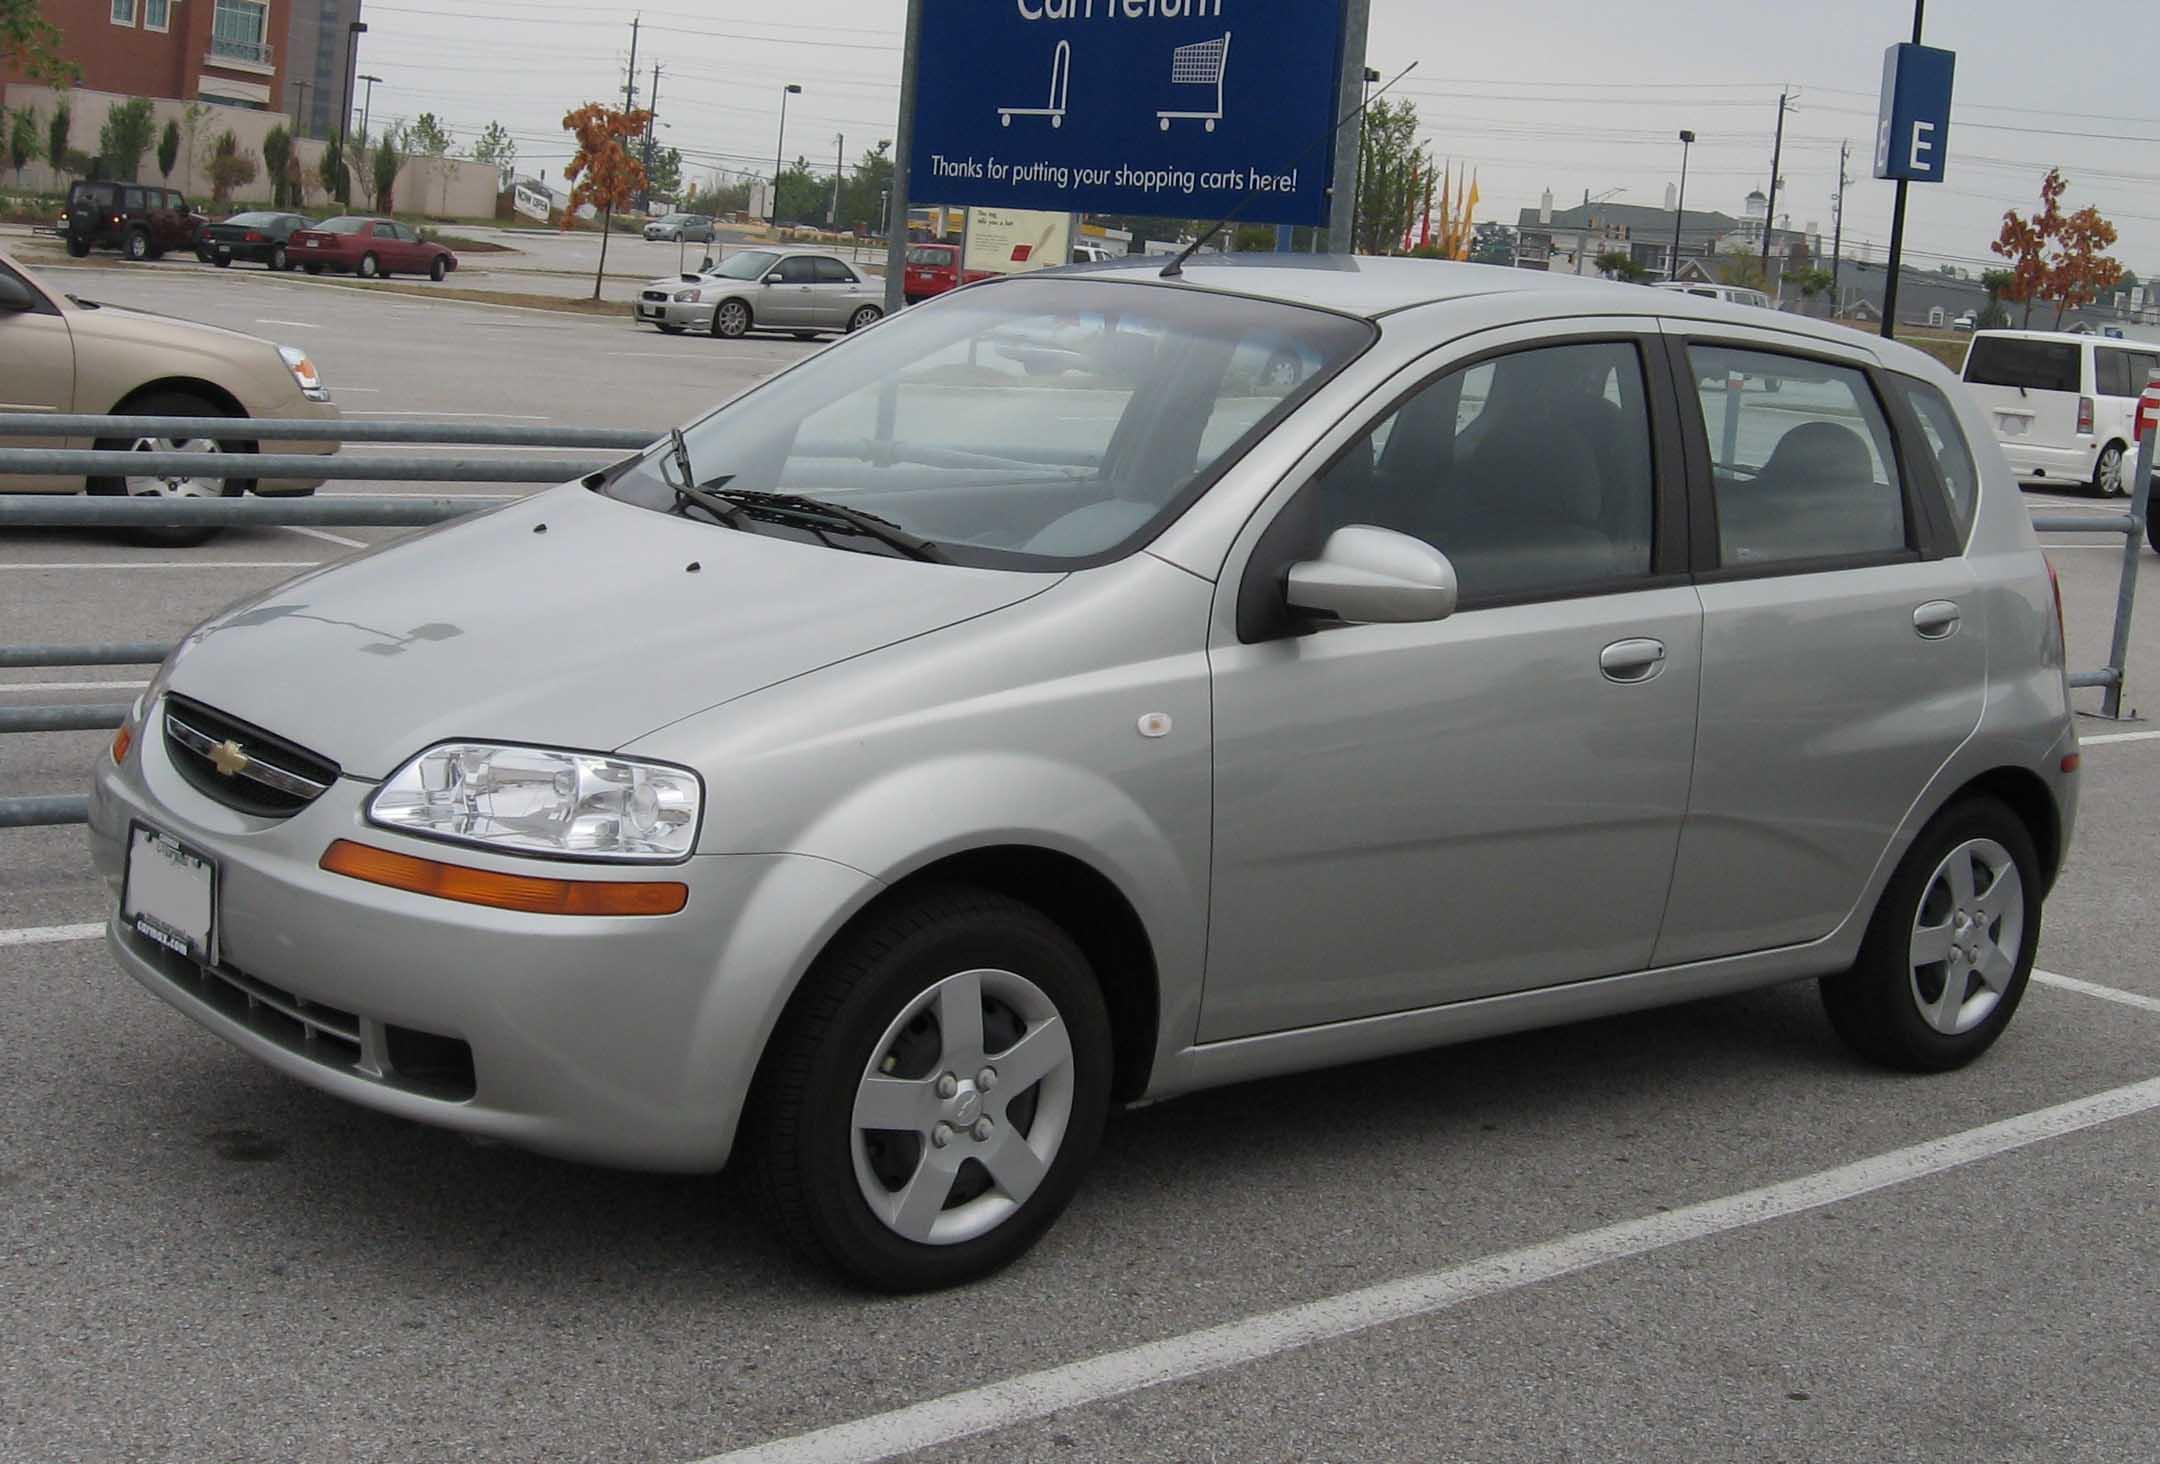 Kelebihan Kekurangan Chevrolet Aveo 2007 Top Model Tahun Ini